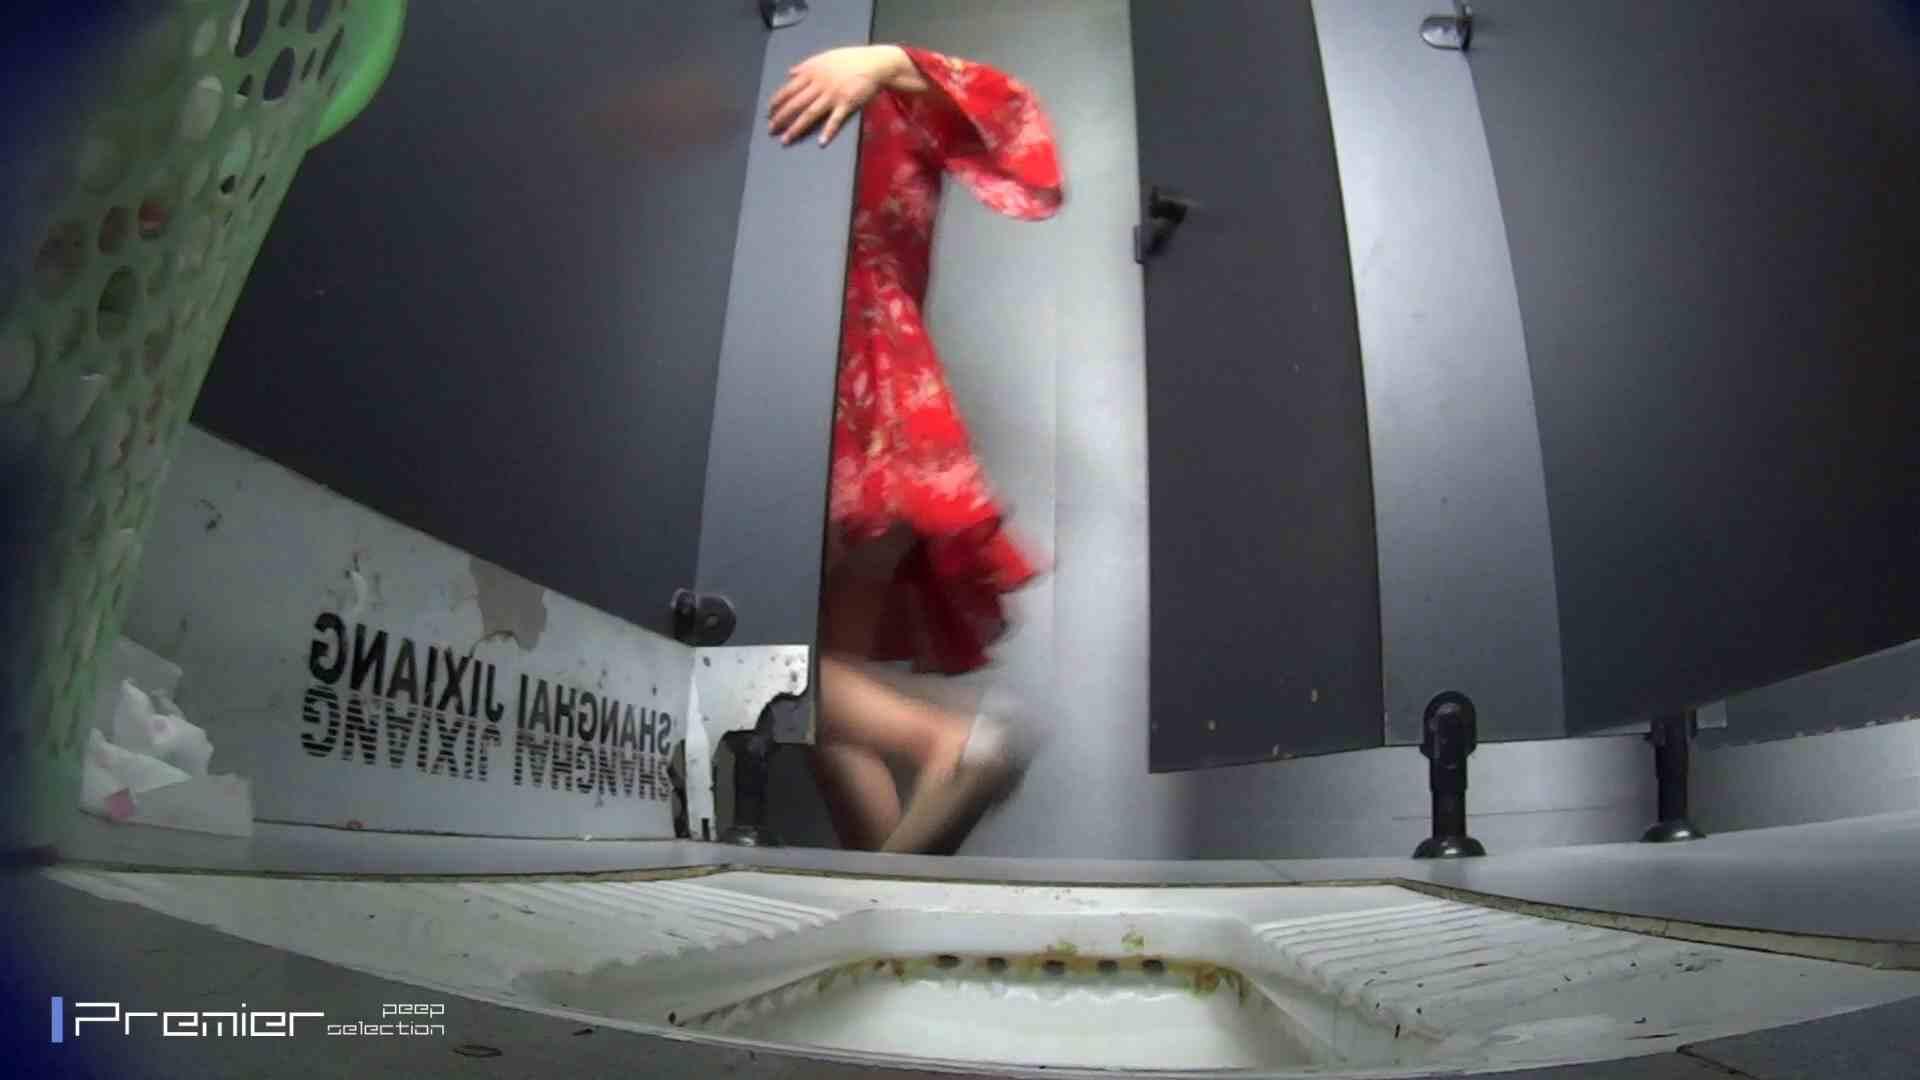 おまたの下から覗く顔 大学休憩時間の洗面所事情43 高評価 SEX無修正画像 65画像 9